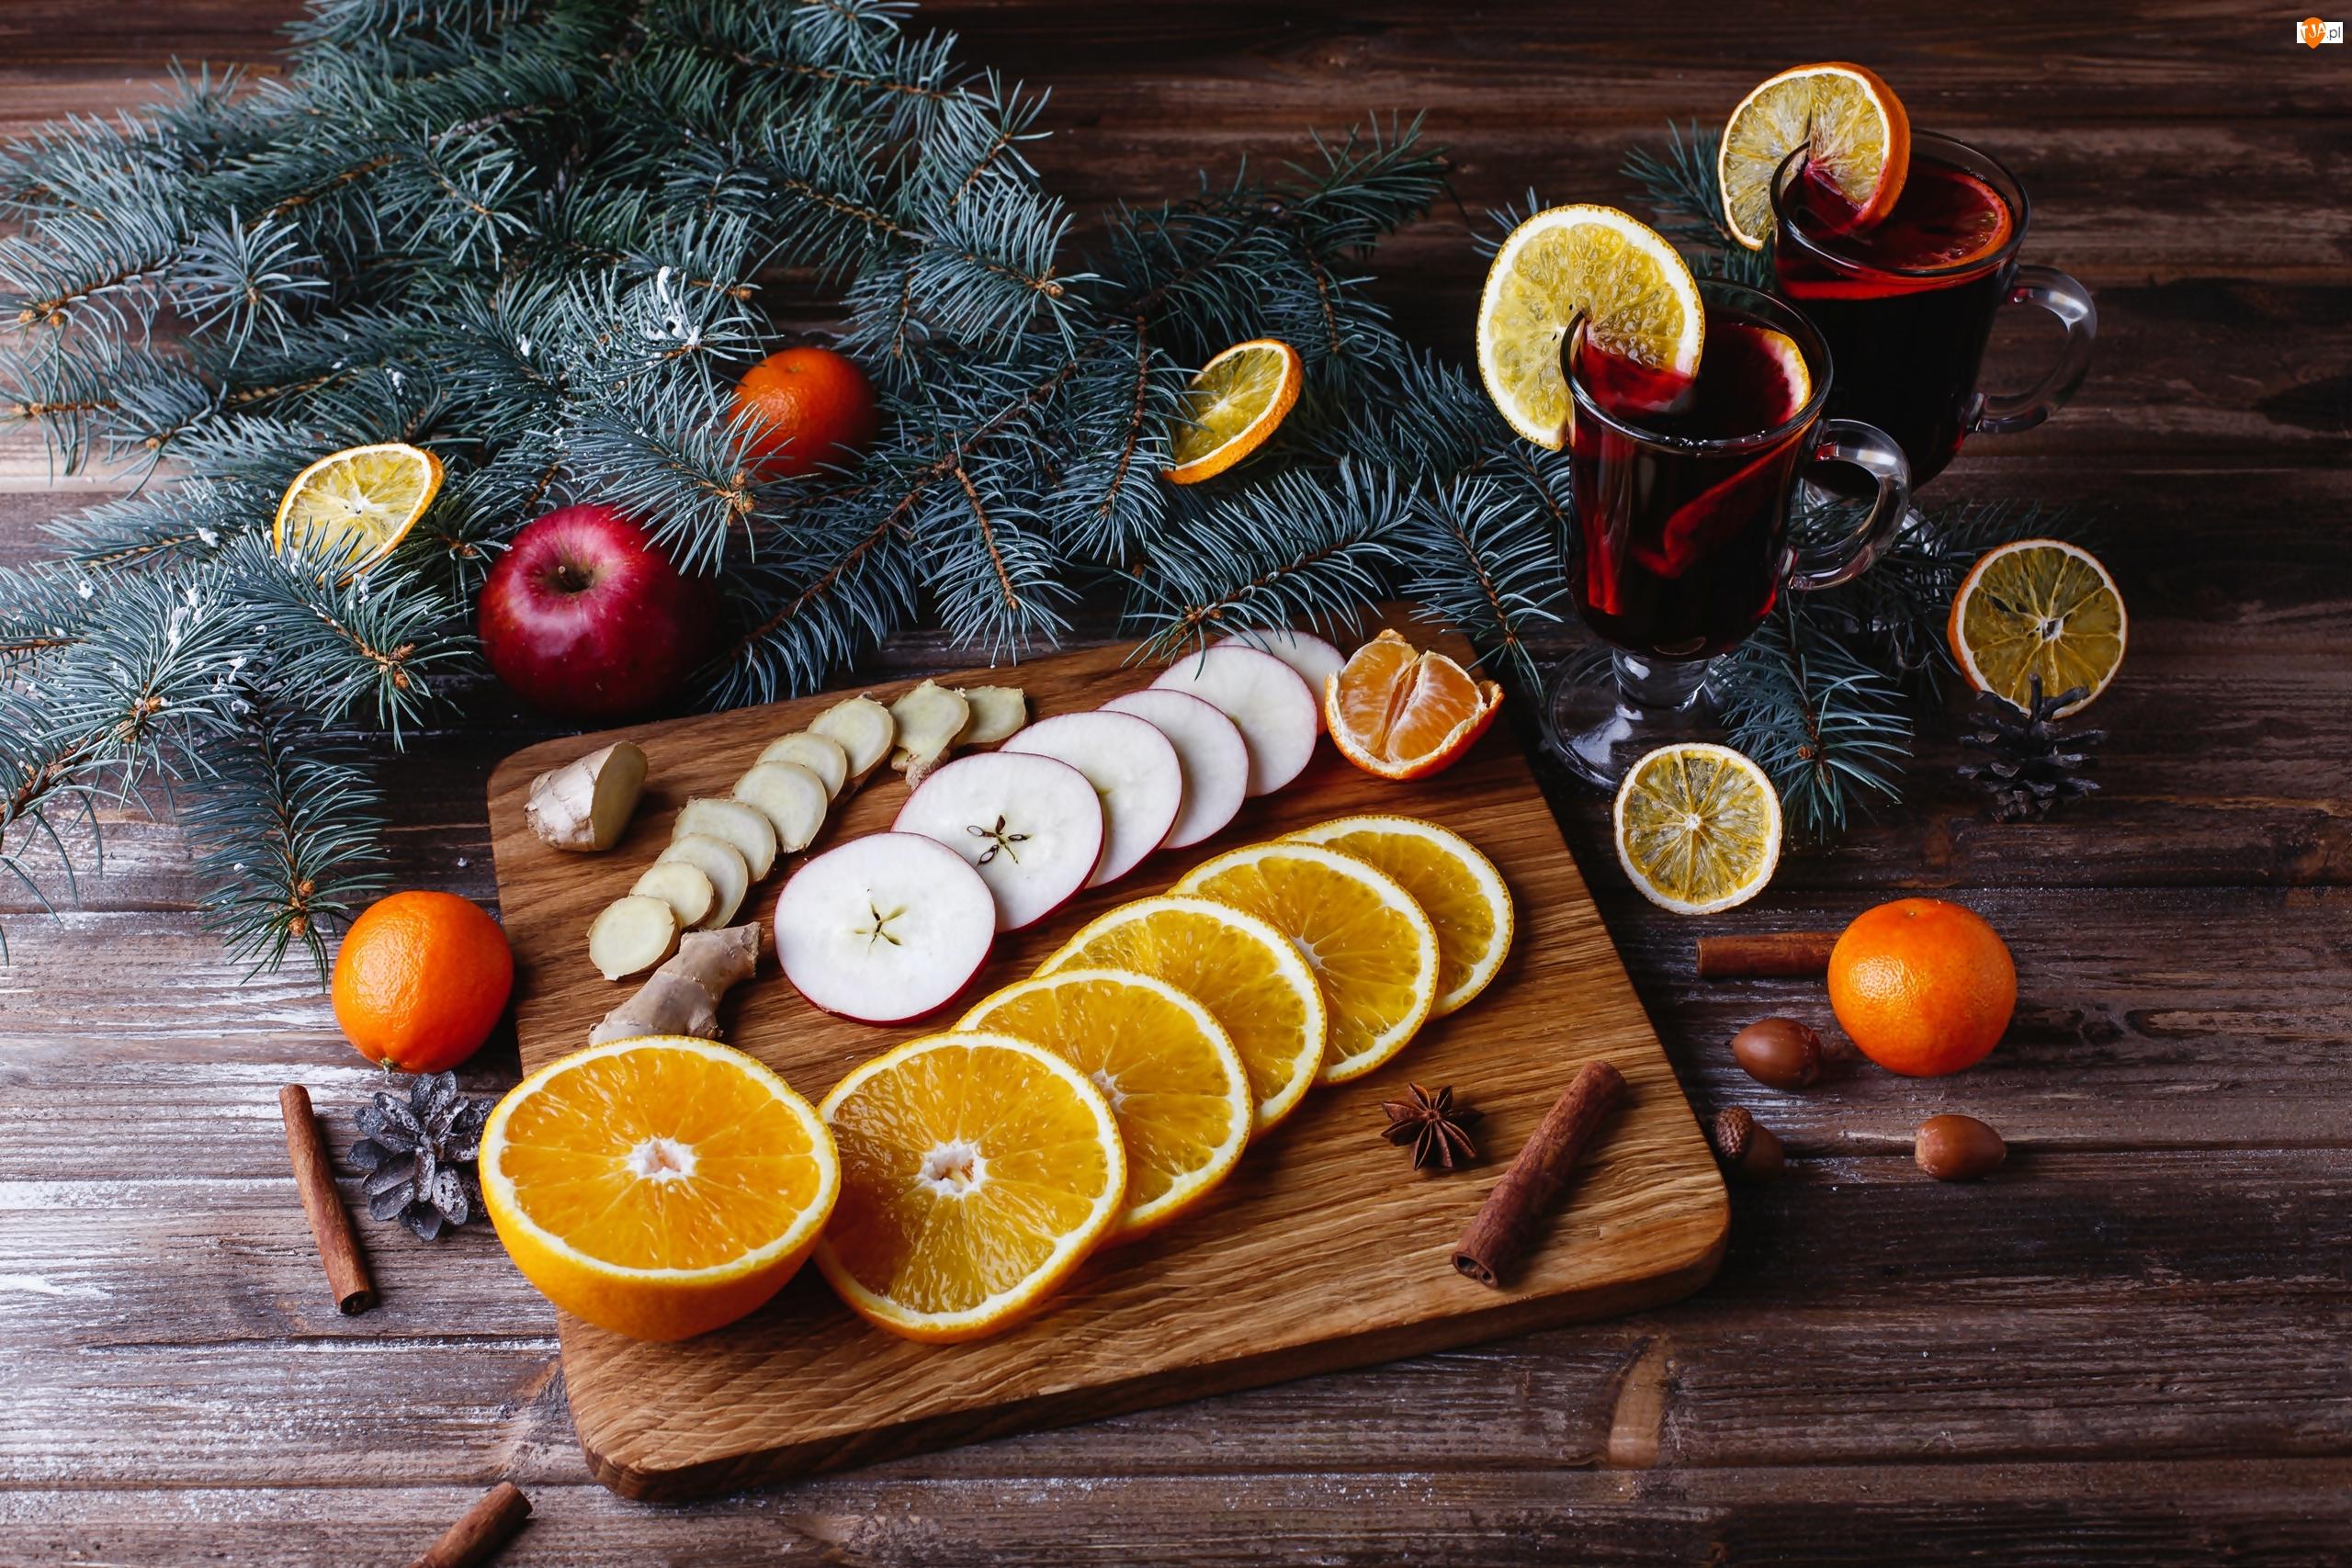 Gałązki, Plasterki, Jabłka, Szklanki, Owoce, Deska, Napój, Pomarańcze